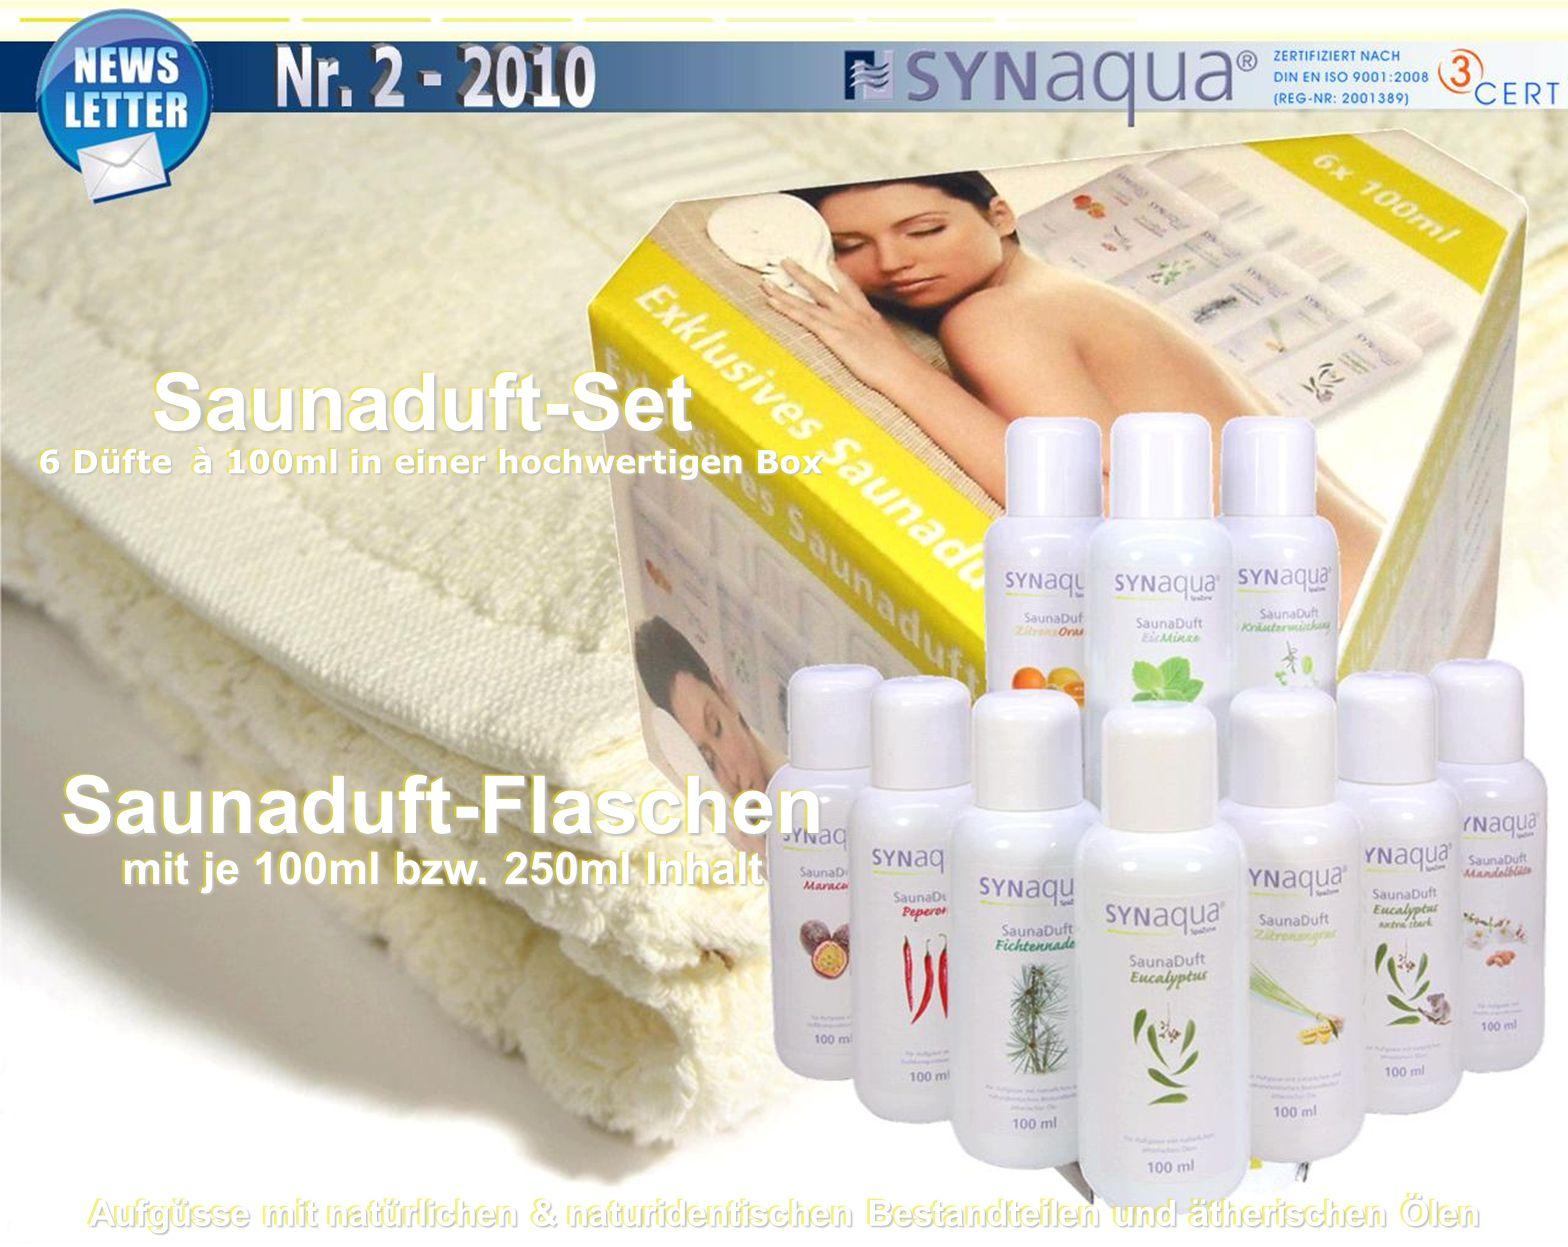 Saunaduft-Flaschen mit je 100ml bzw. 250ml Inhalt